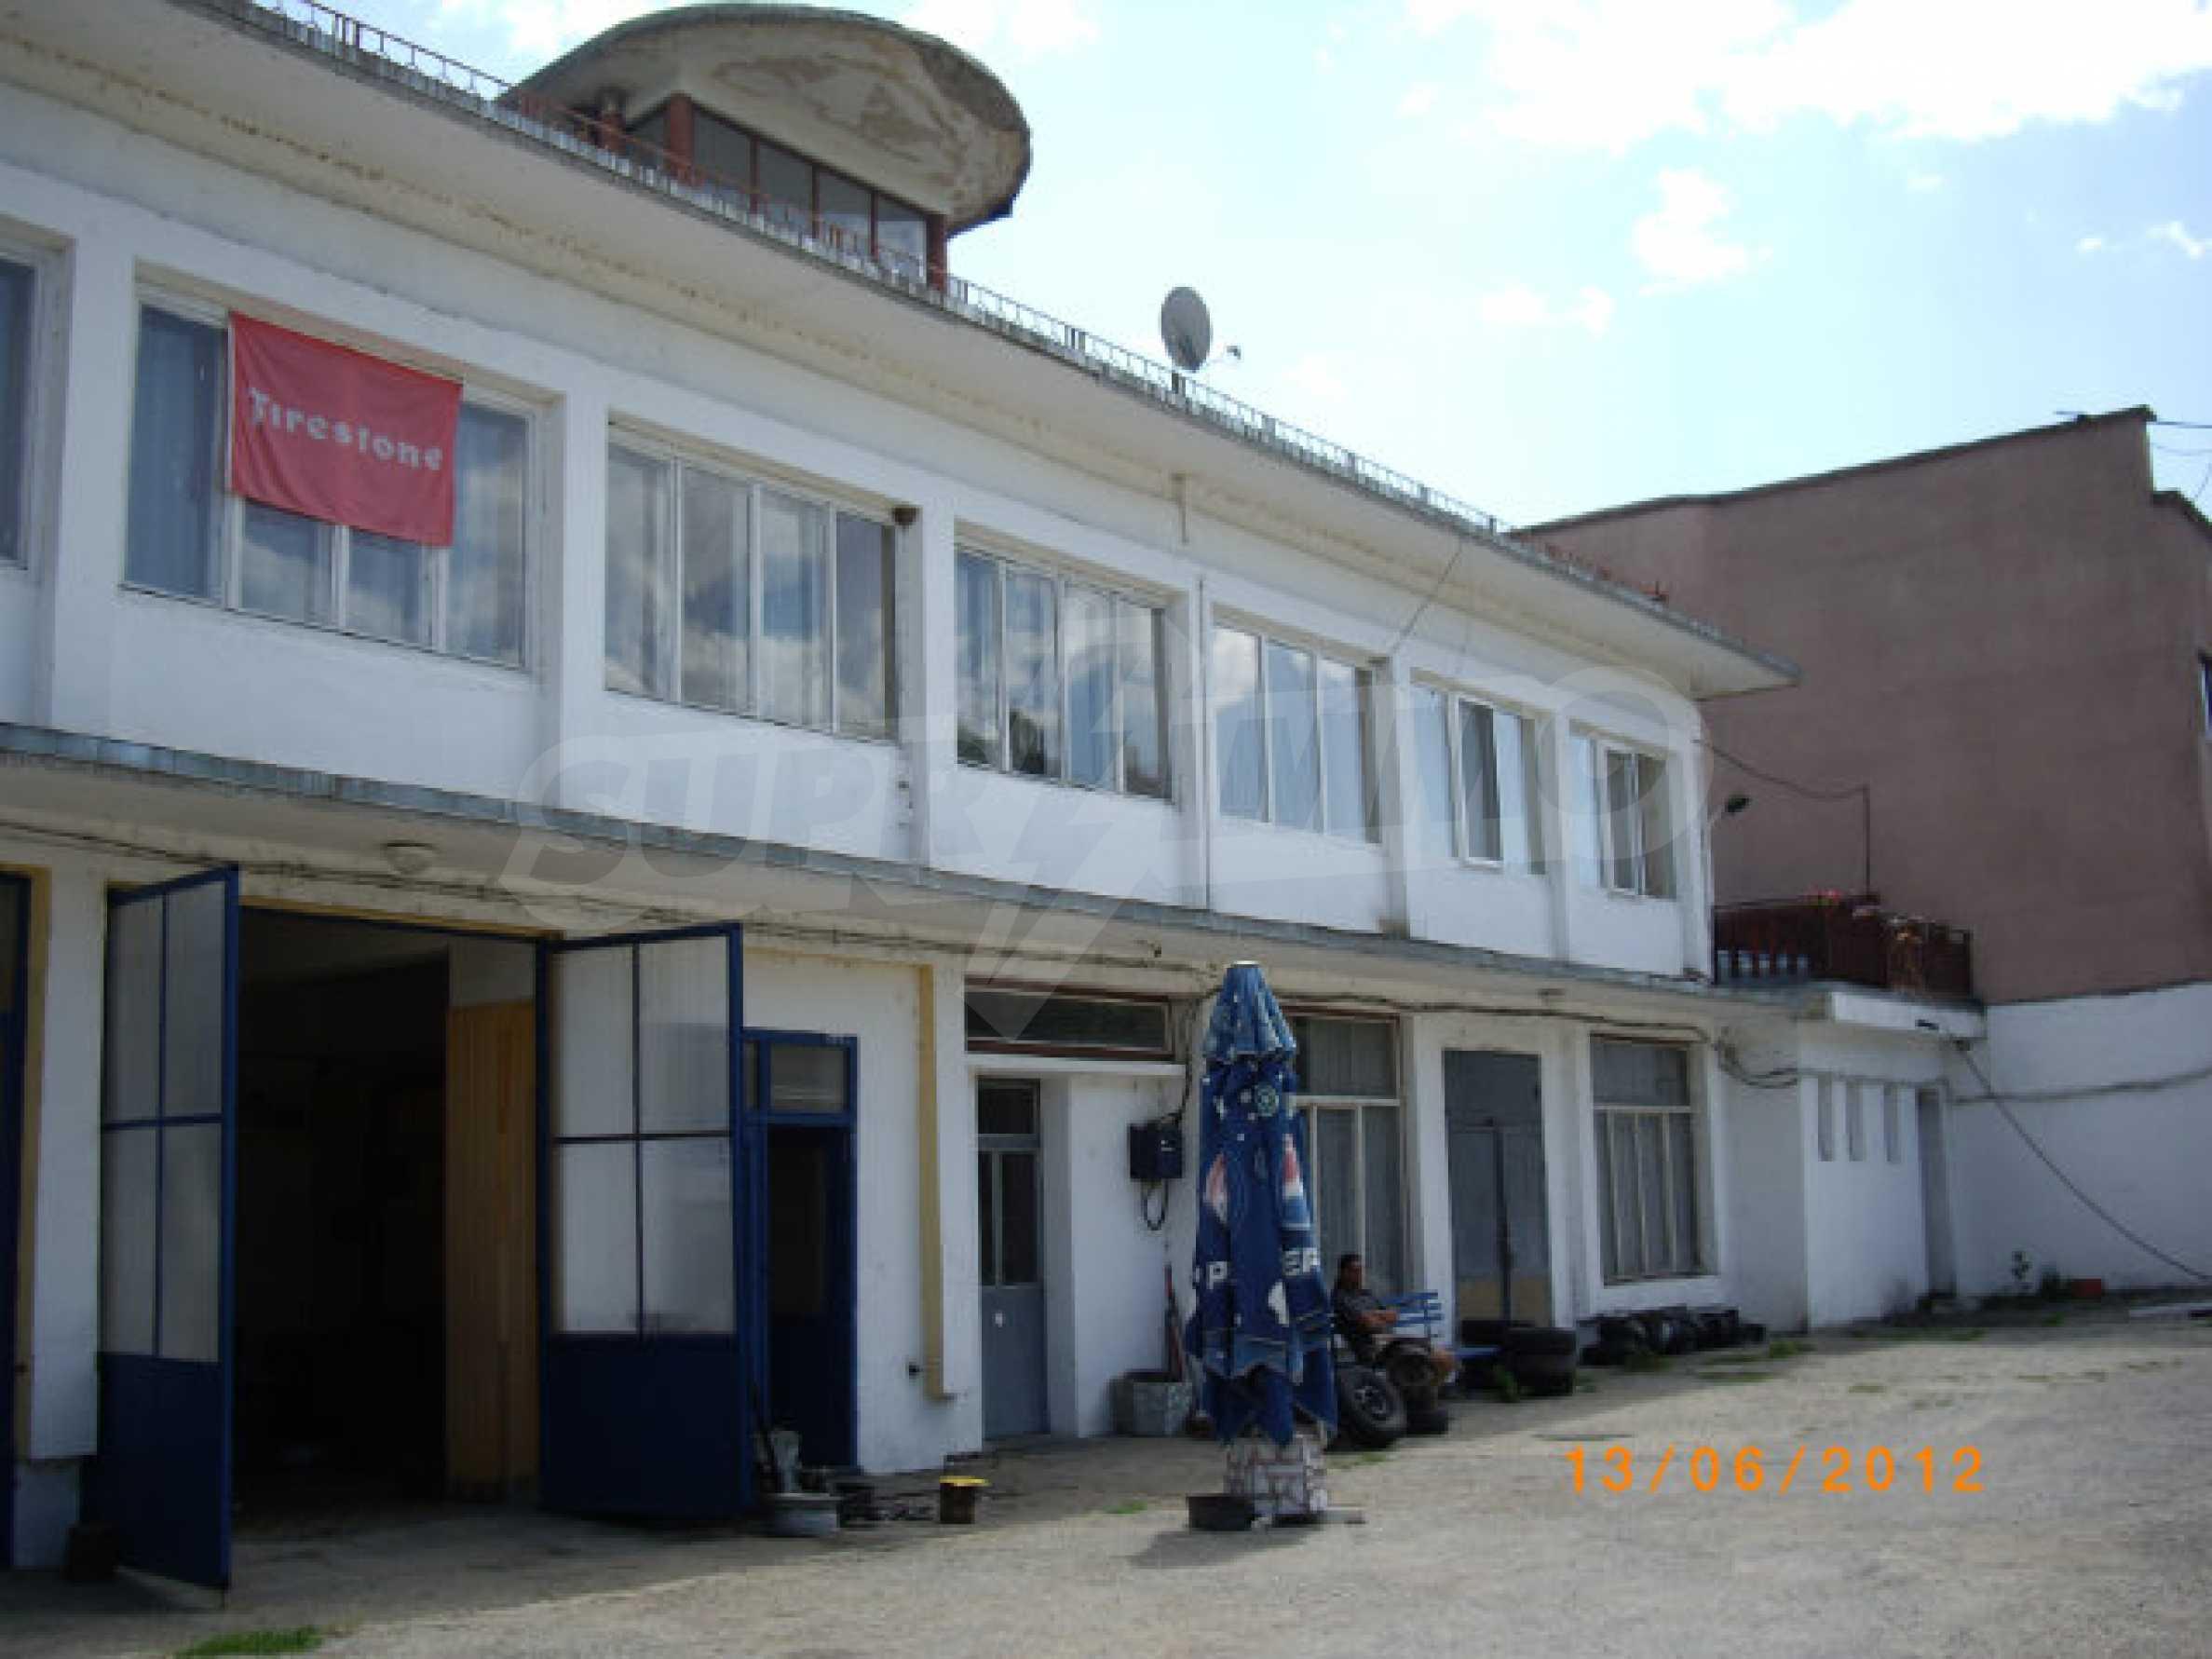 Produktionsgebäude mit Dienstleistungs- und Verwaltungsgebäude in der Nähe von Monatan 24